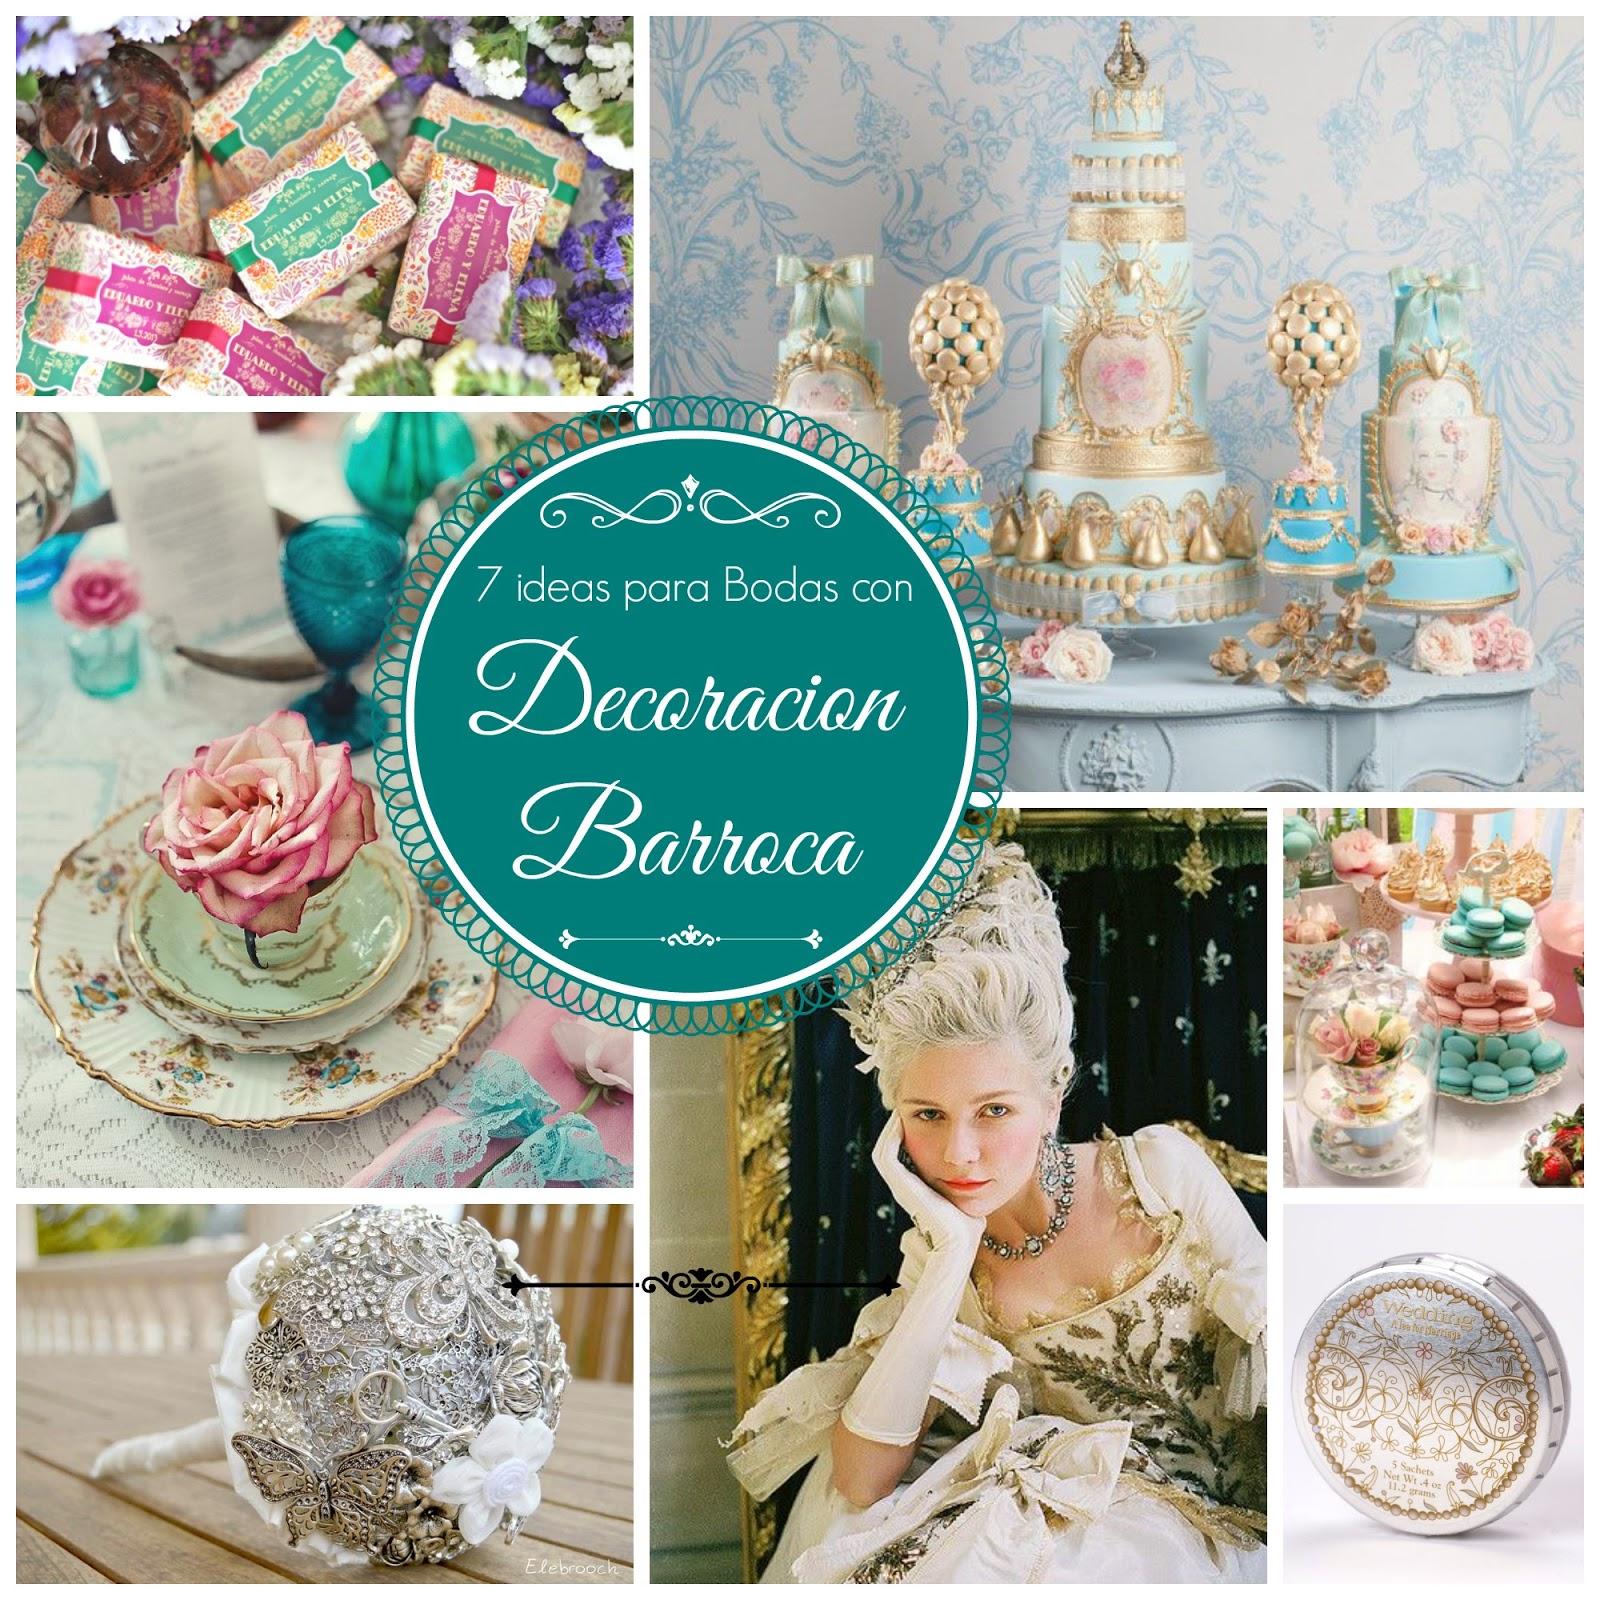 ideas para bodas con decoracion barroca blog bodas mi boda gratis